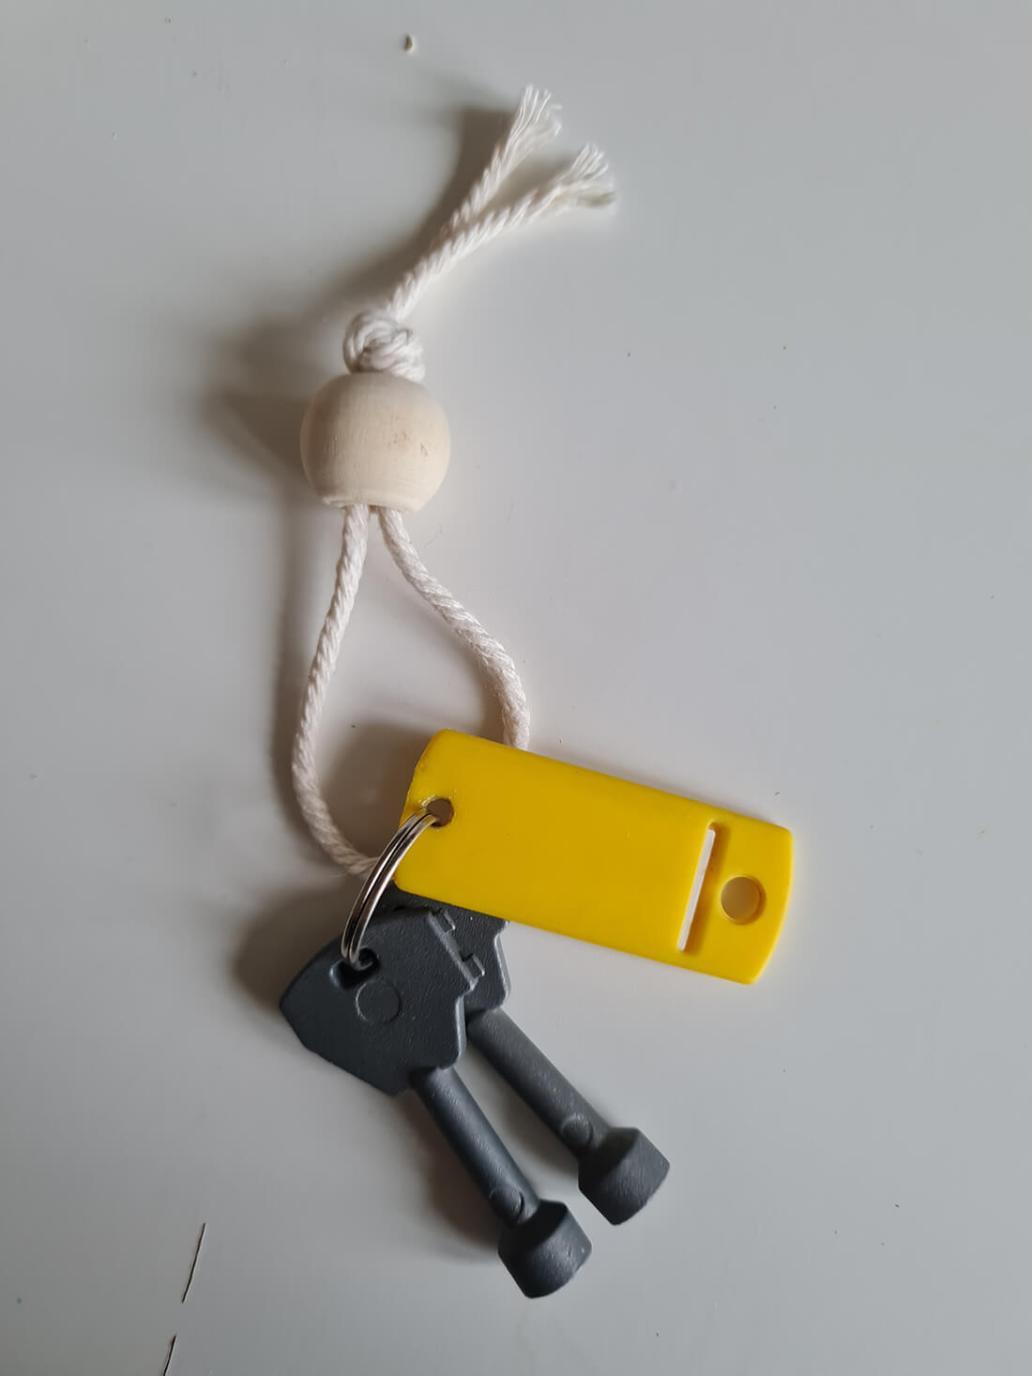 20210131 155517 - DIY pour l'entrée : fabriquer un support pour les clés au design minimaliste